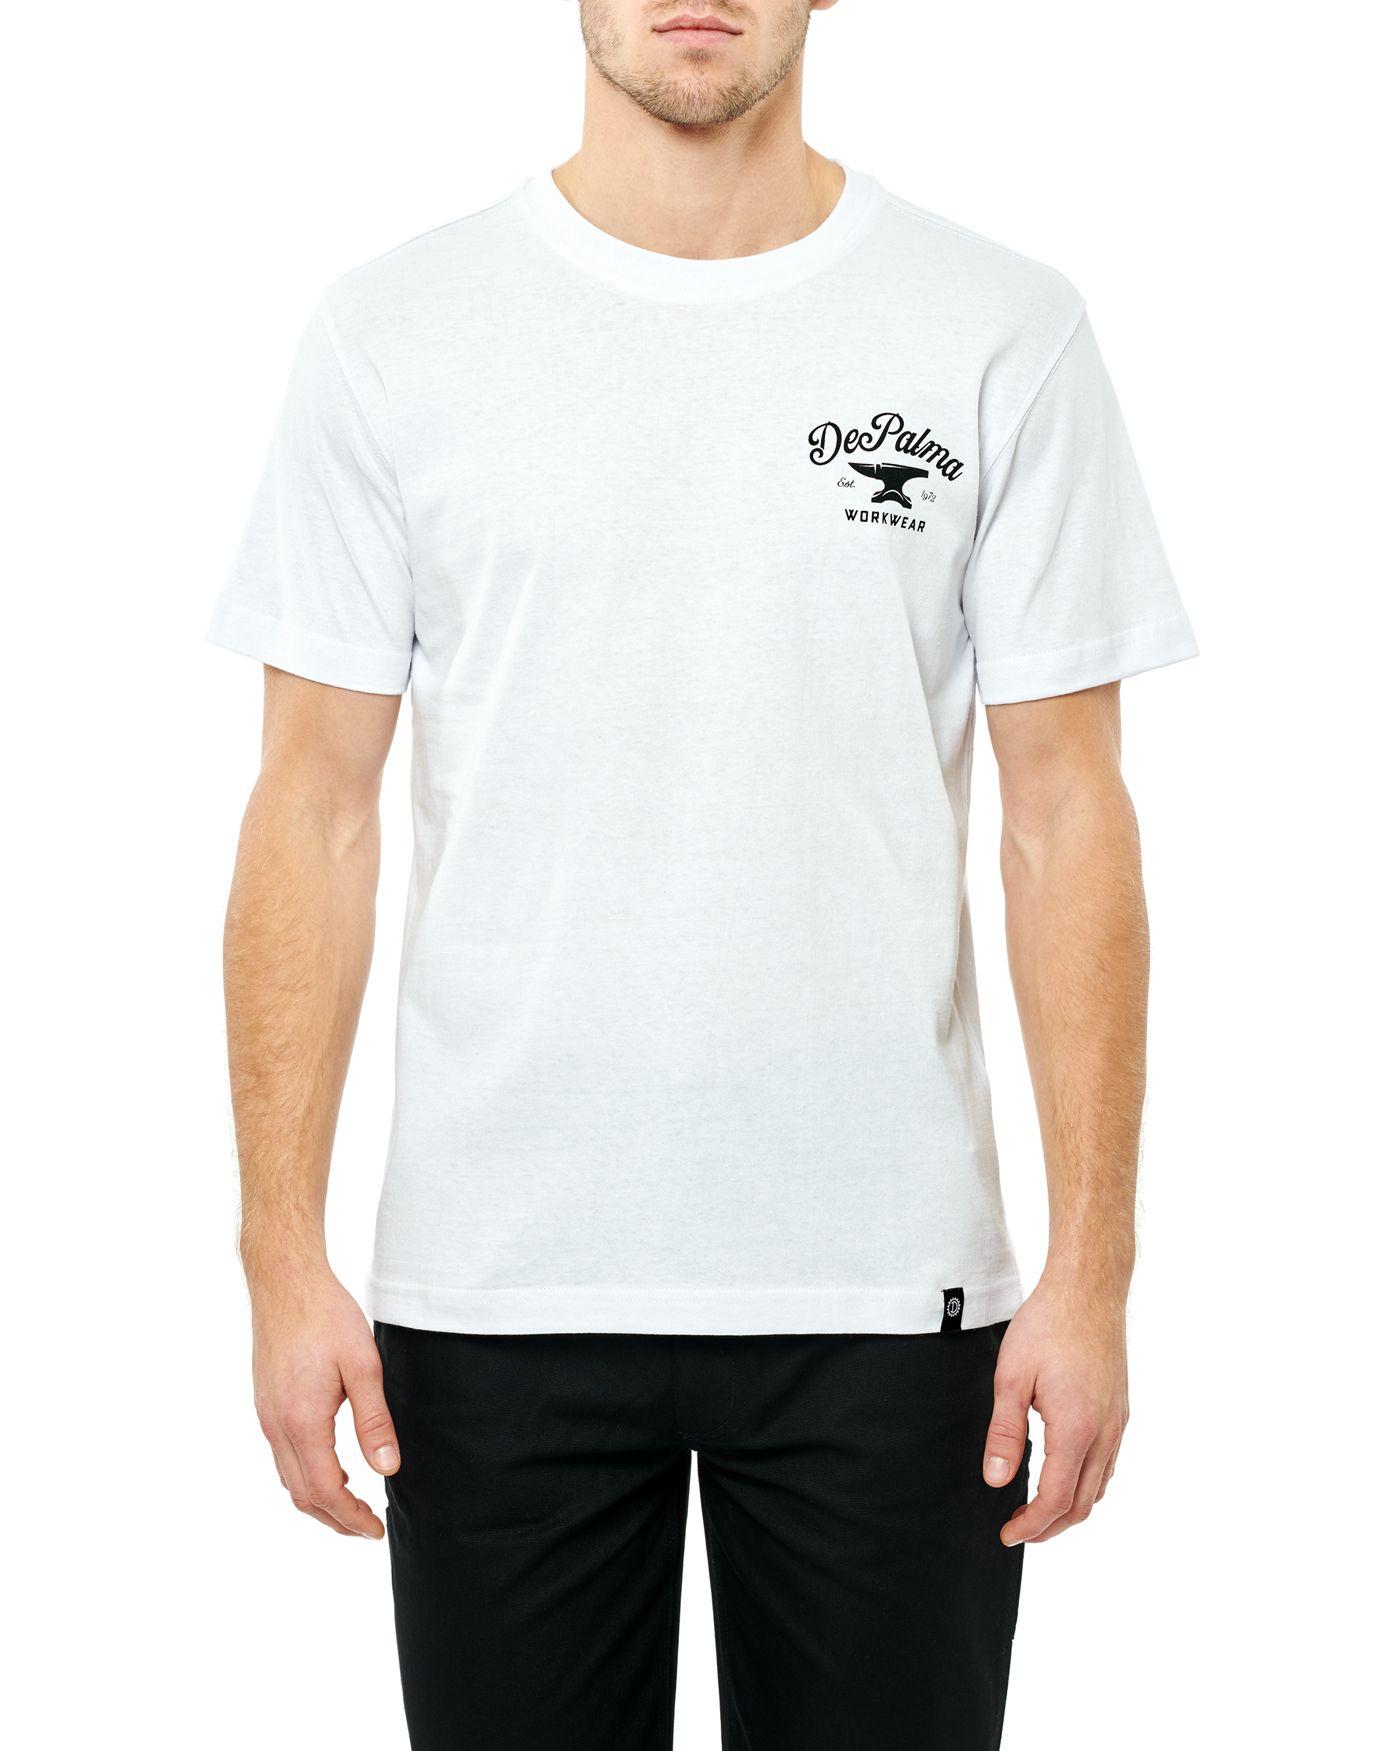 Photo of Anvil S/S T-shirt, White